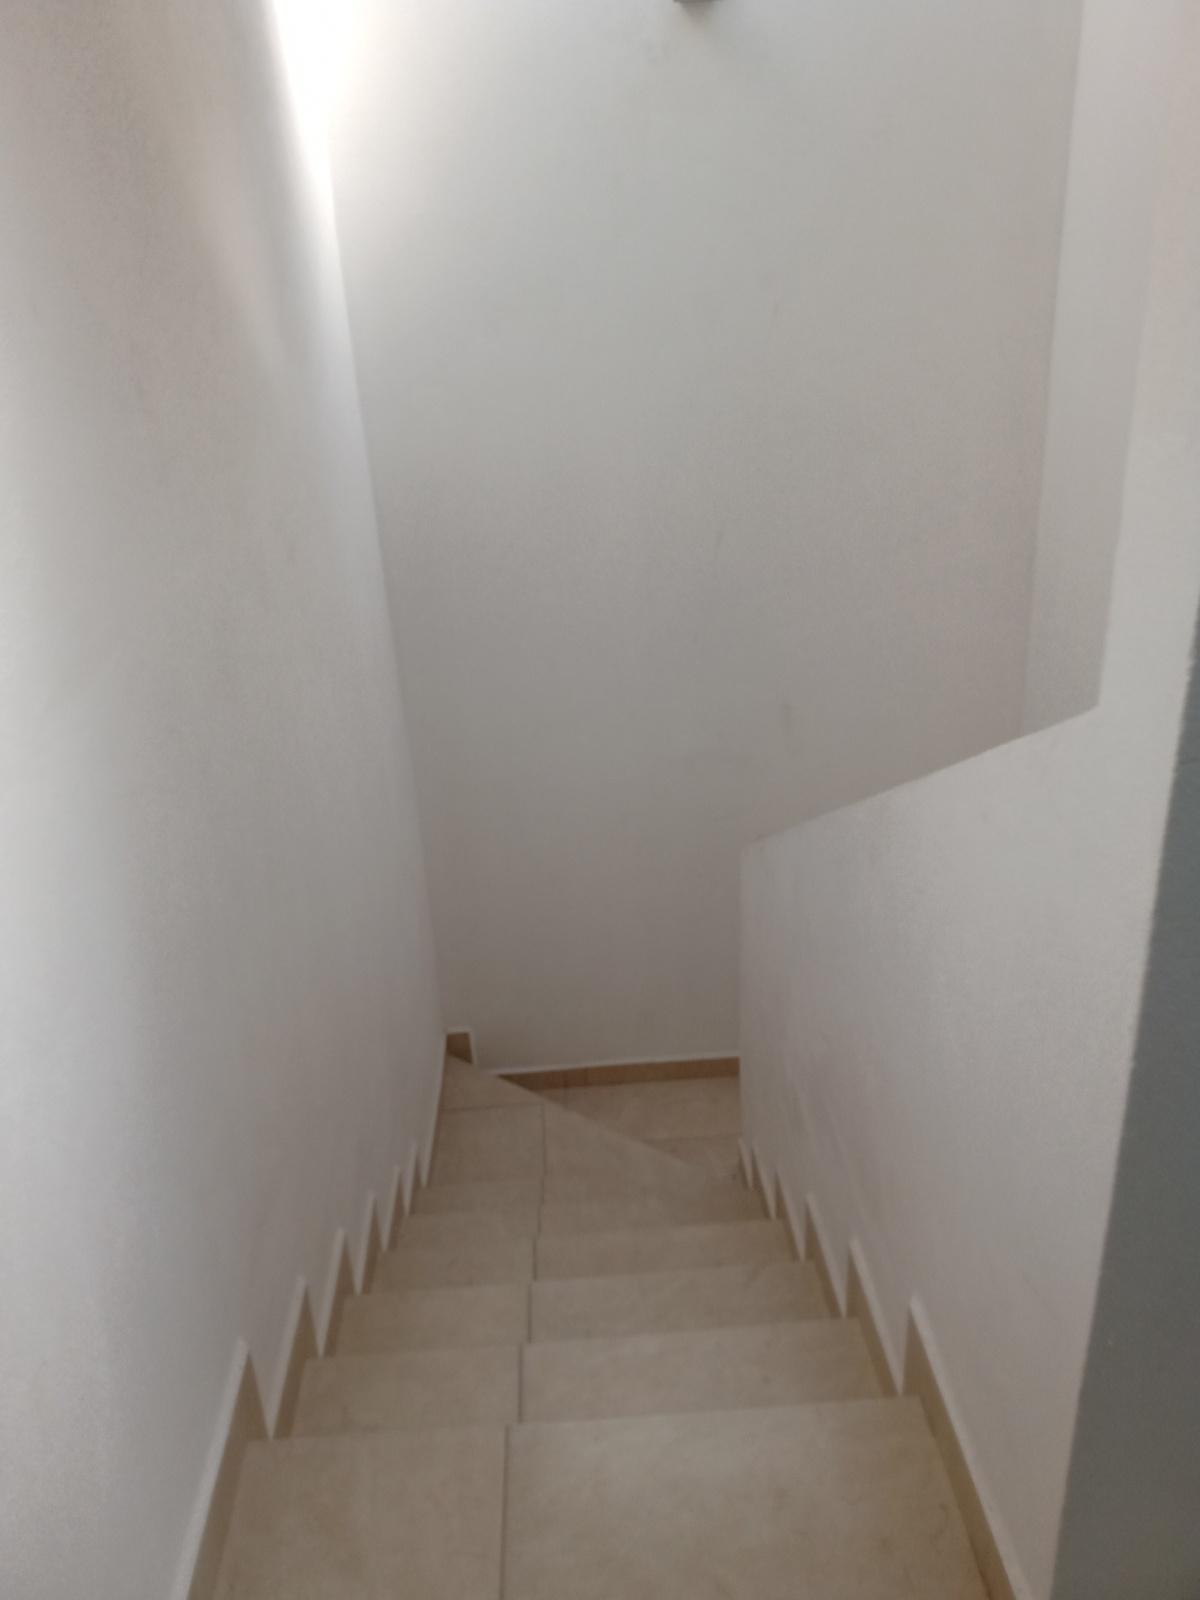 9 de 18: Escaleras.